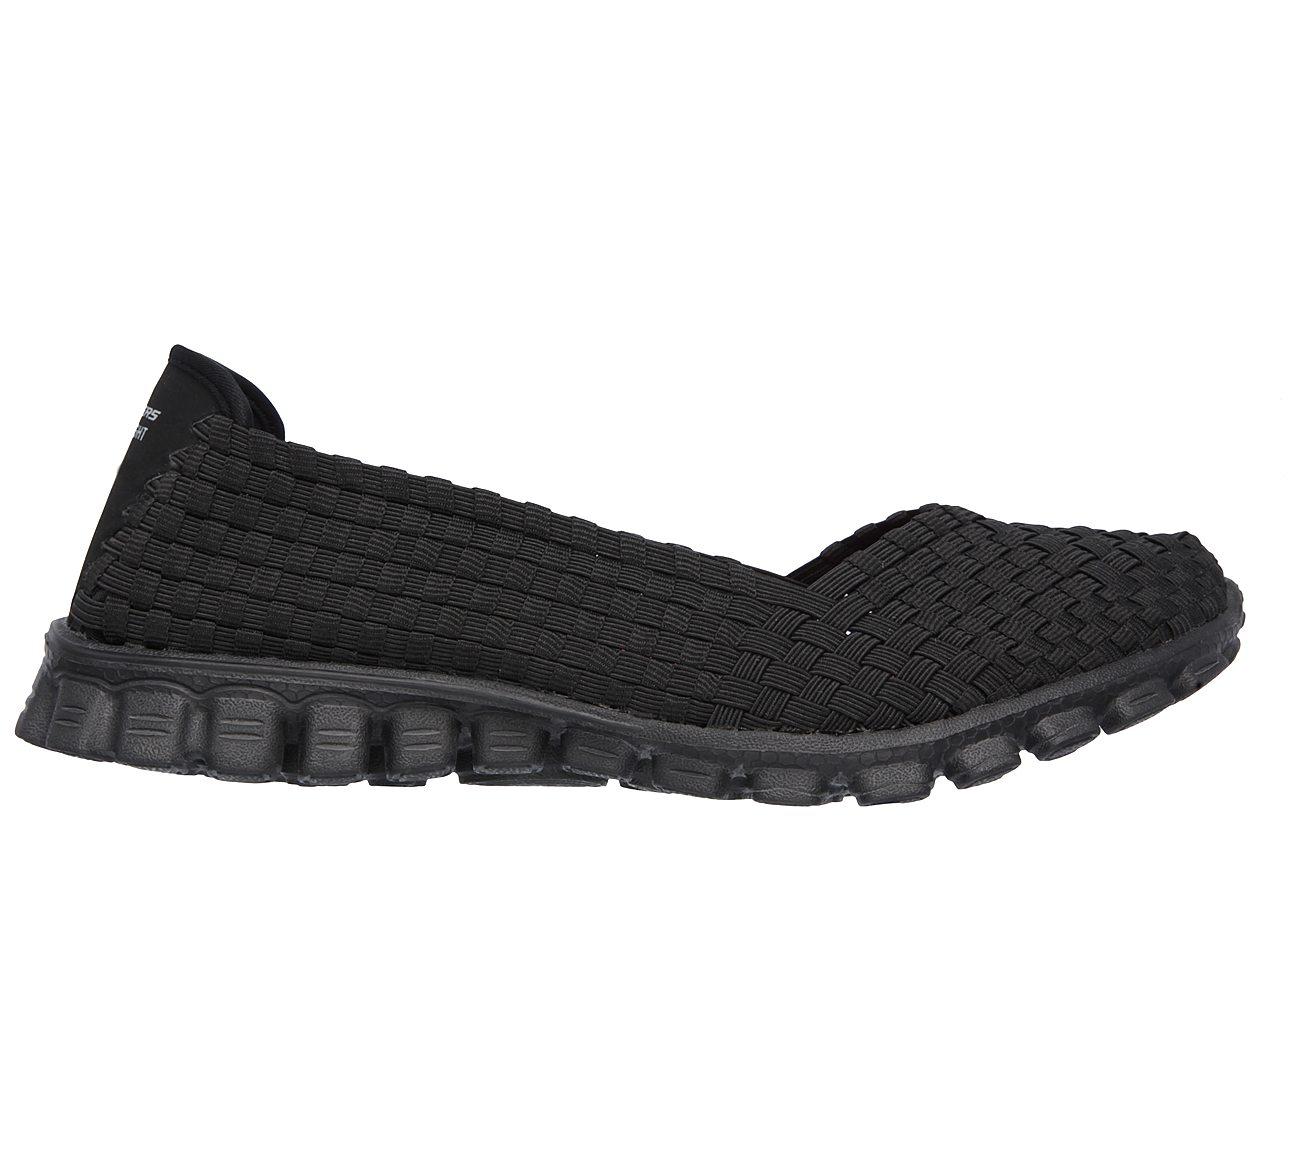 Womens Skechers EZ Flex 2 Delphi Slip On Black